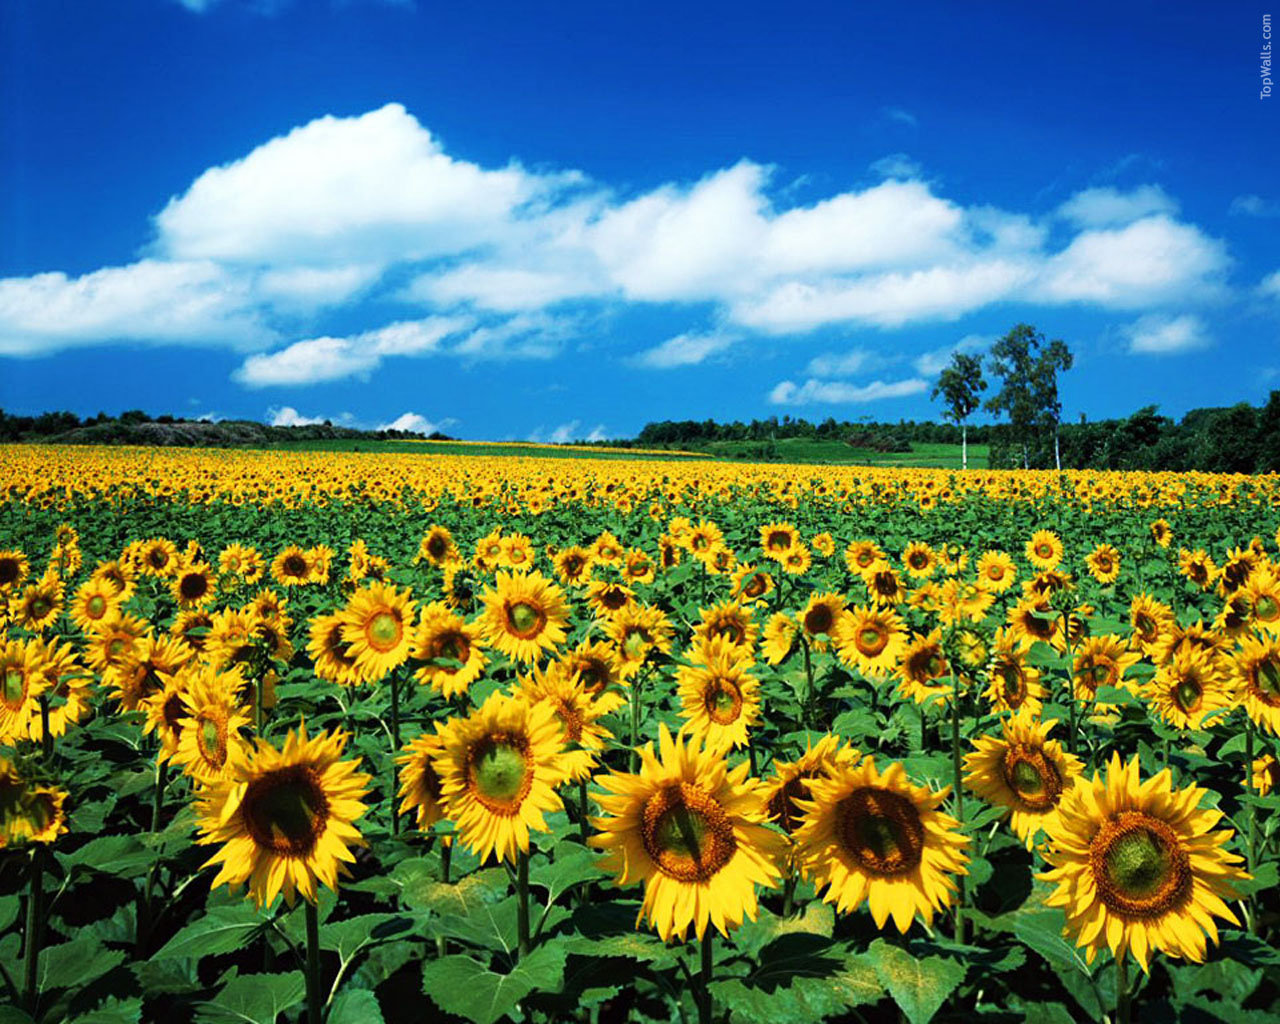 Sunflower Wallpaper Sunflower Wallpaper Field 2028182 Hd Wallpaper Backgrounds Download